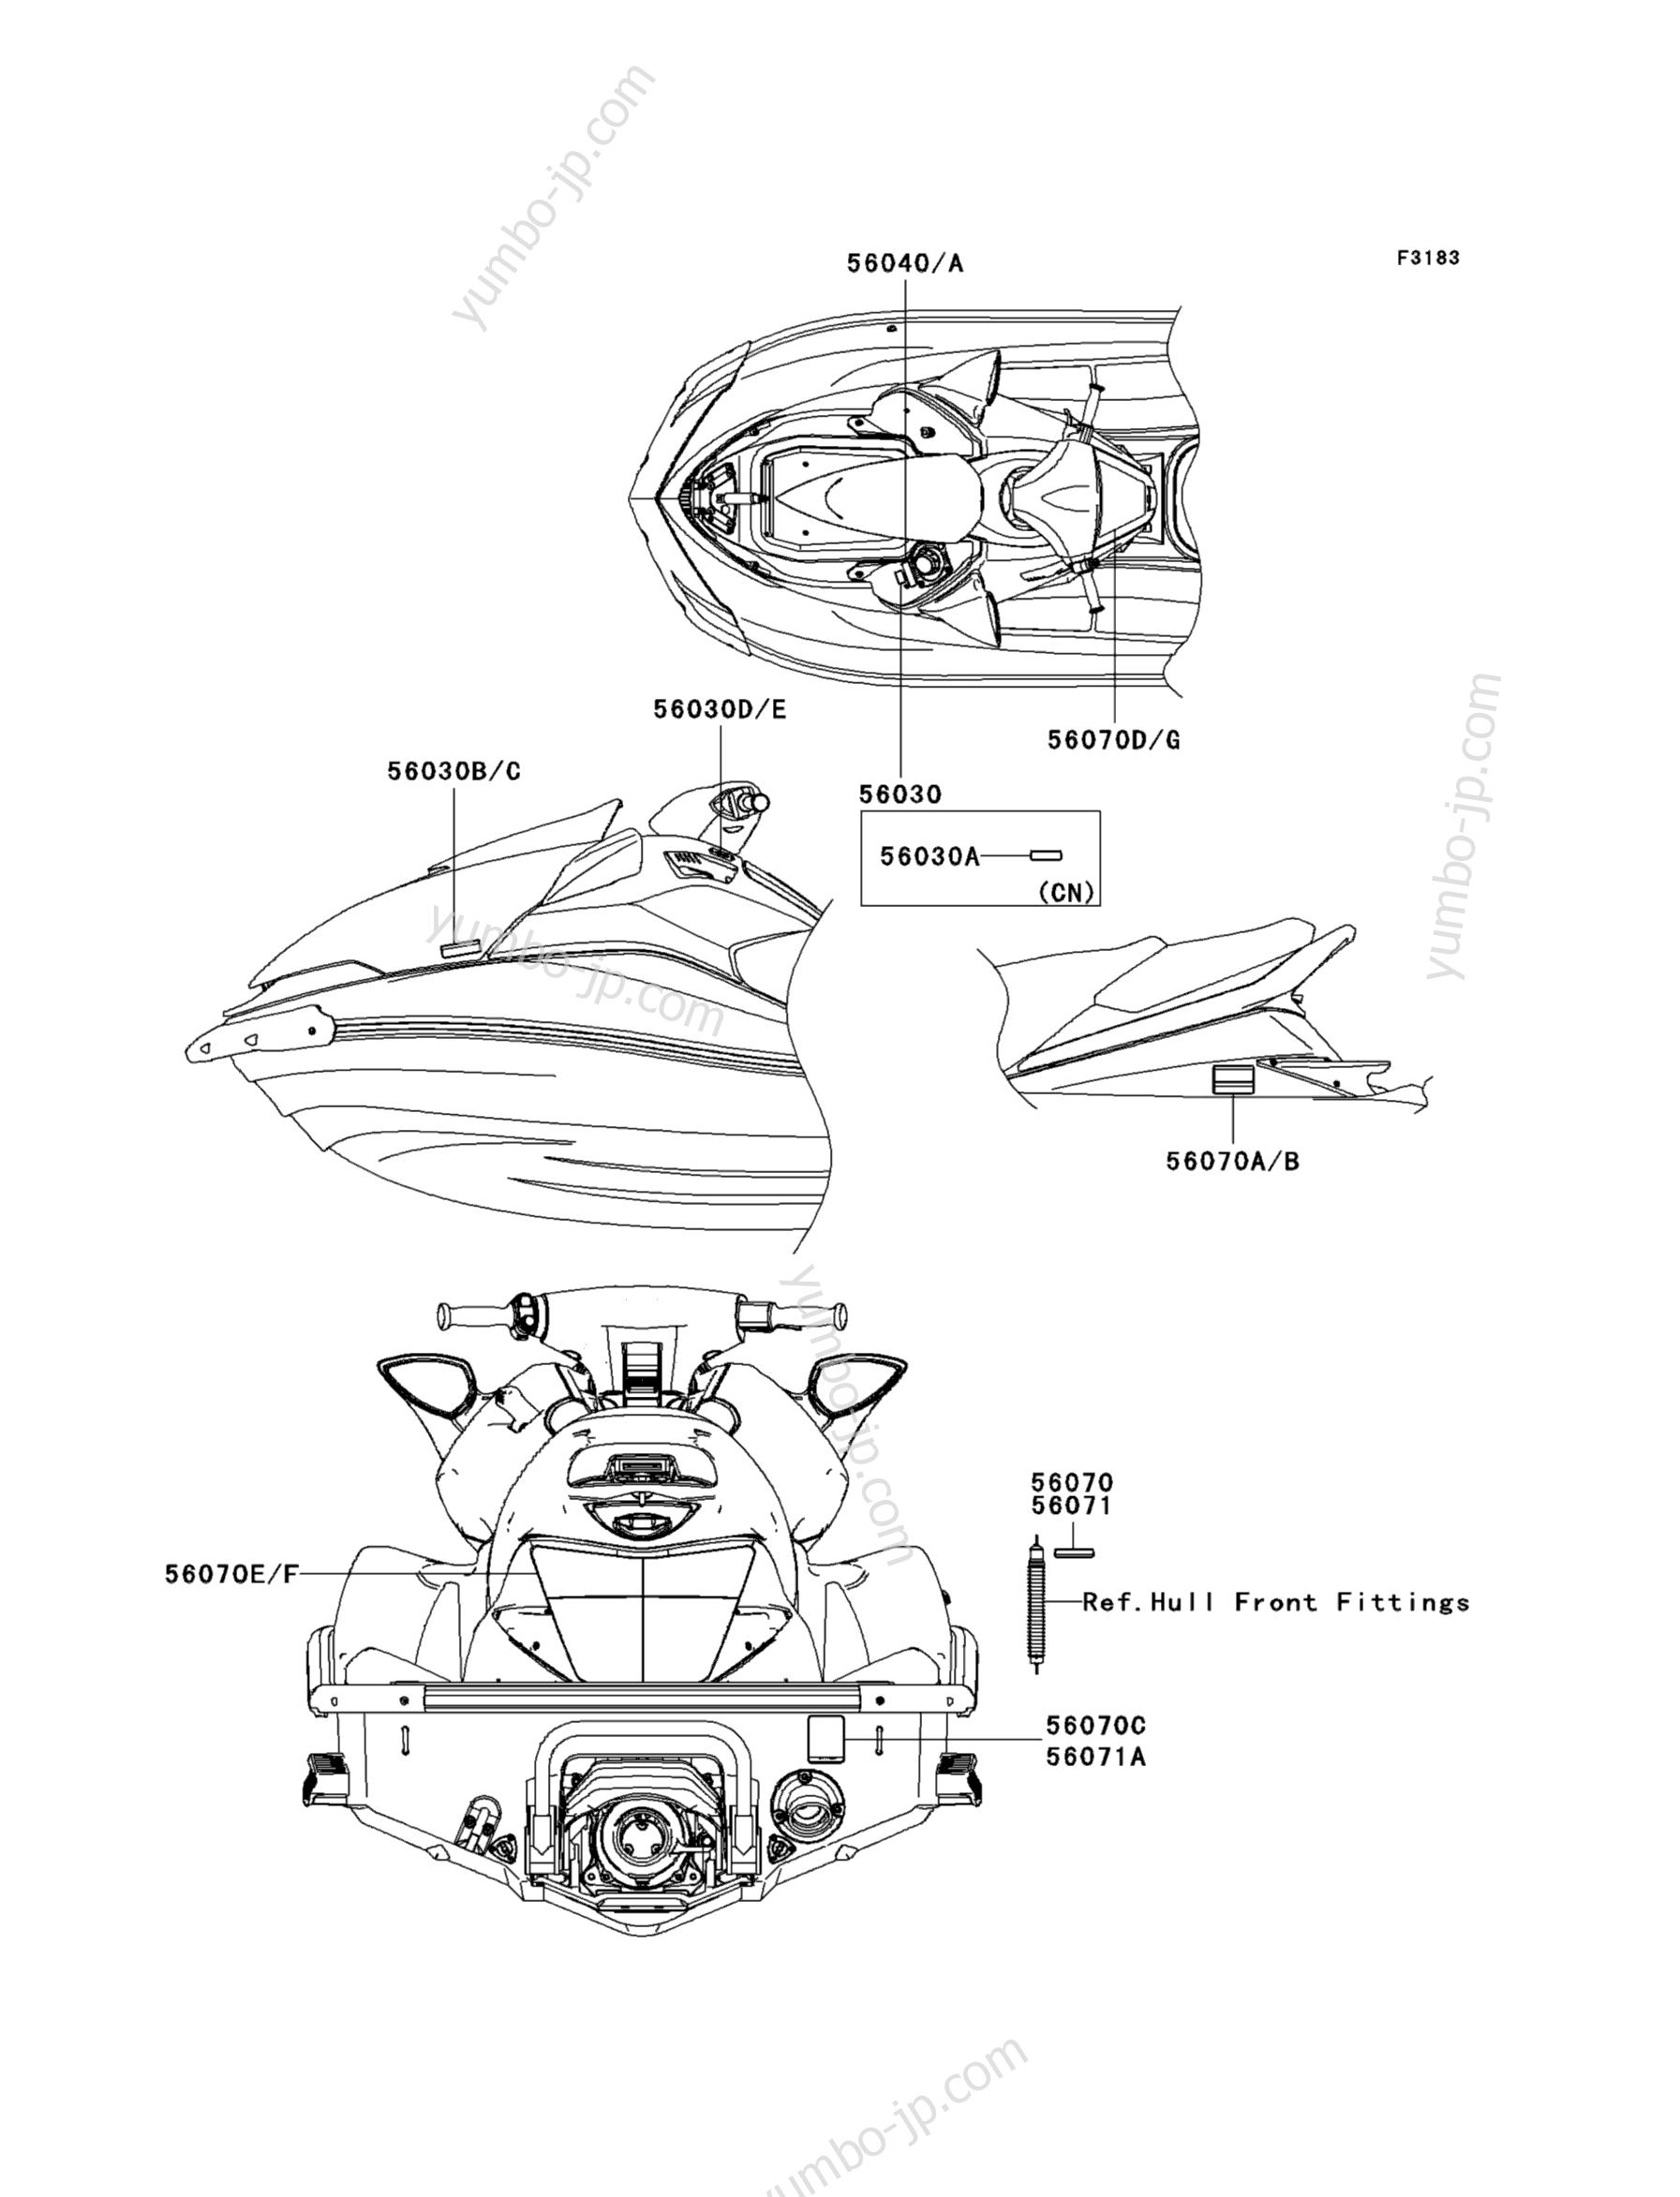 Эмблемы, наклейки для гидроциклов KAWASAKI JET SKI ULTRA 260LX (JT1500F9F) 2009 г.